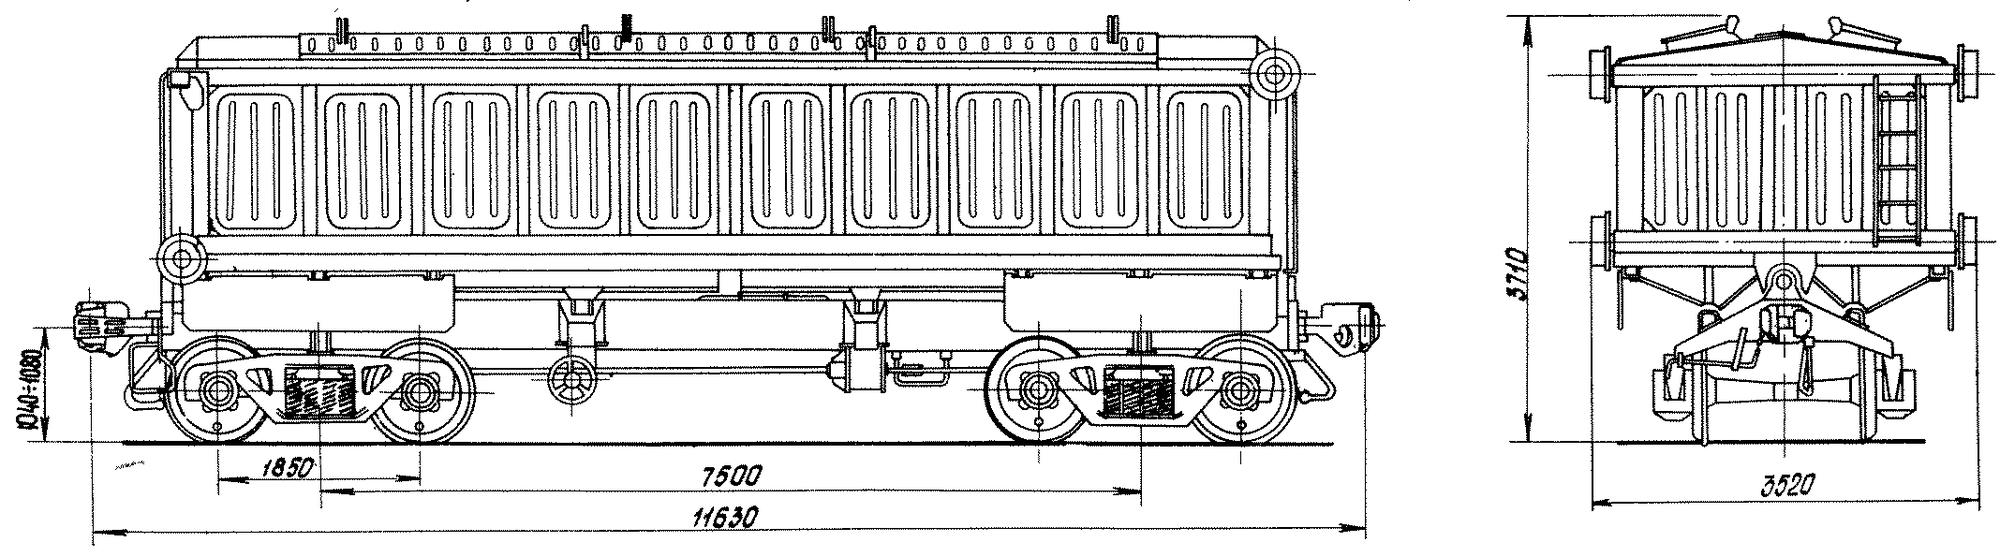 4-осный крытый вагон с поднимающимся кузовом для аппатитового концентрата